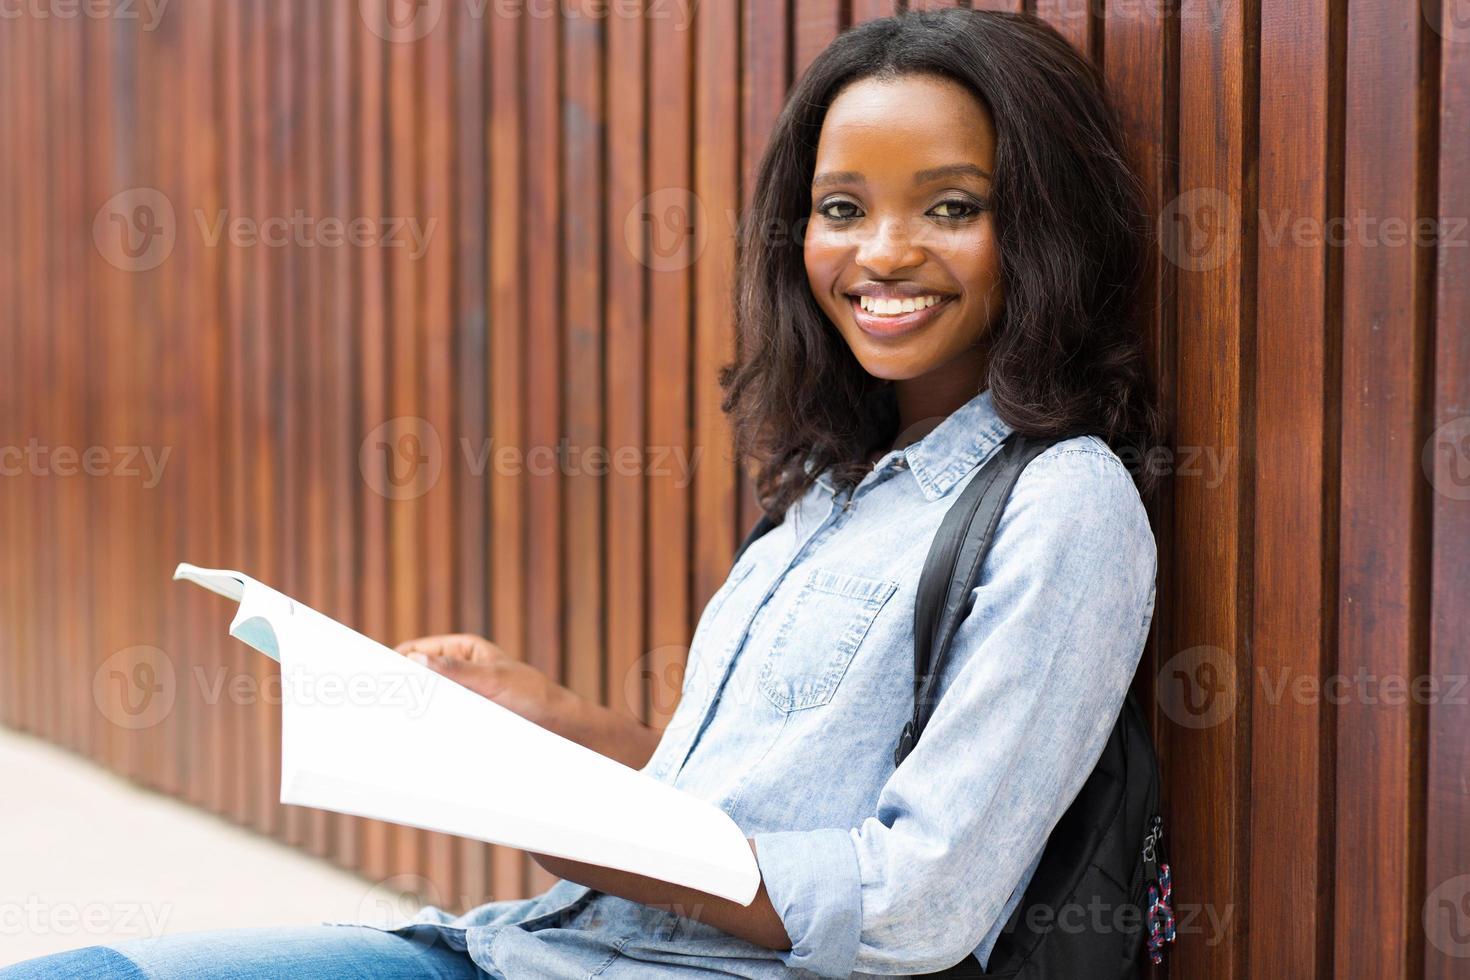 weibliche afrikanische Studentin, die ein Buch liest foto